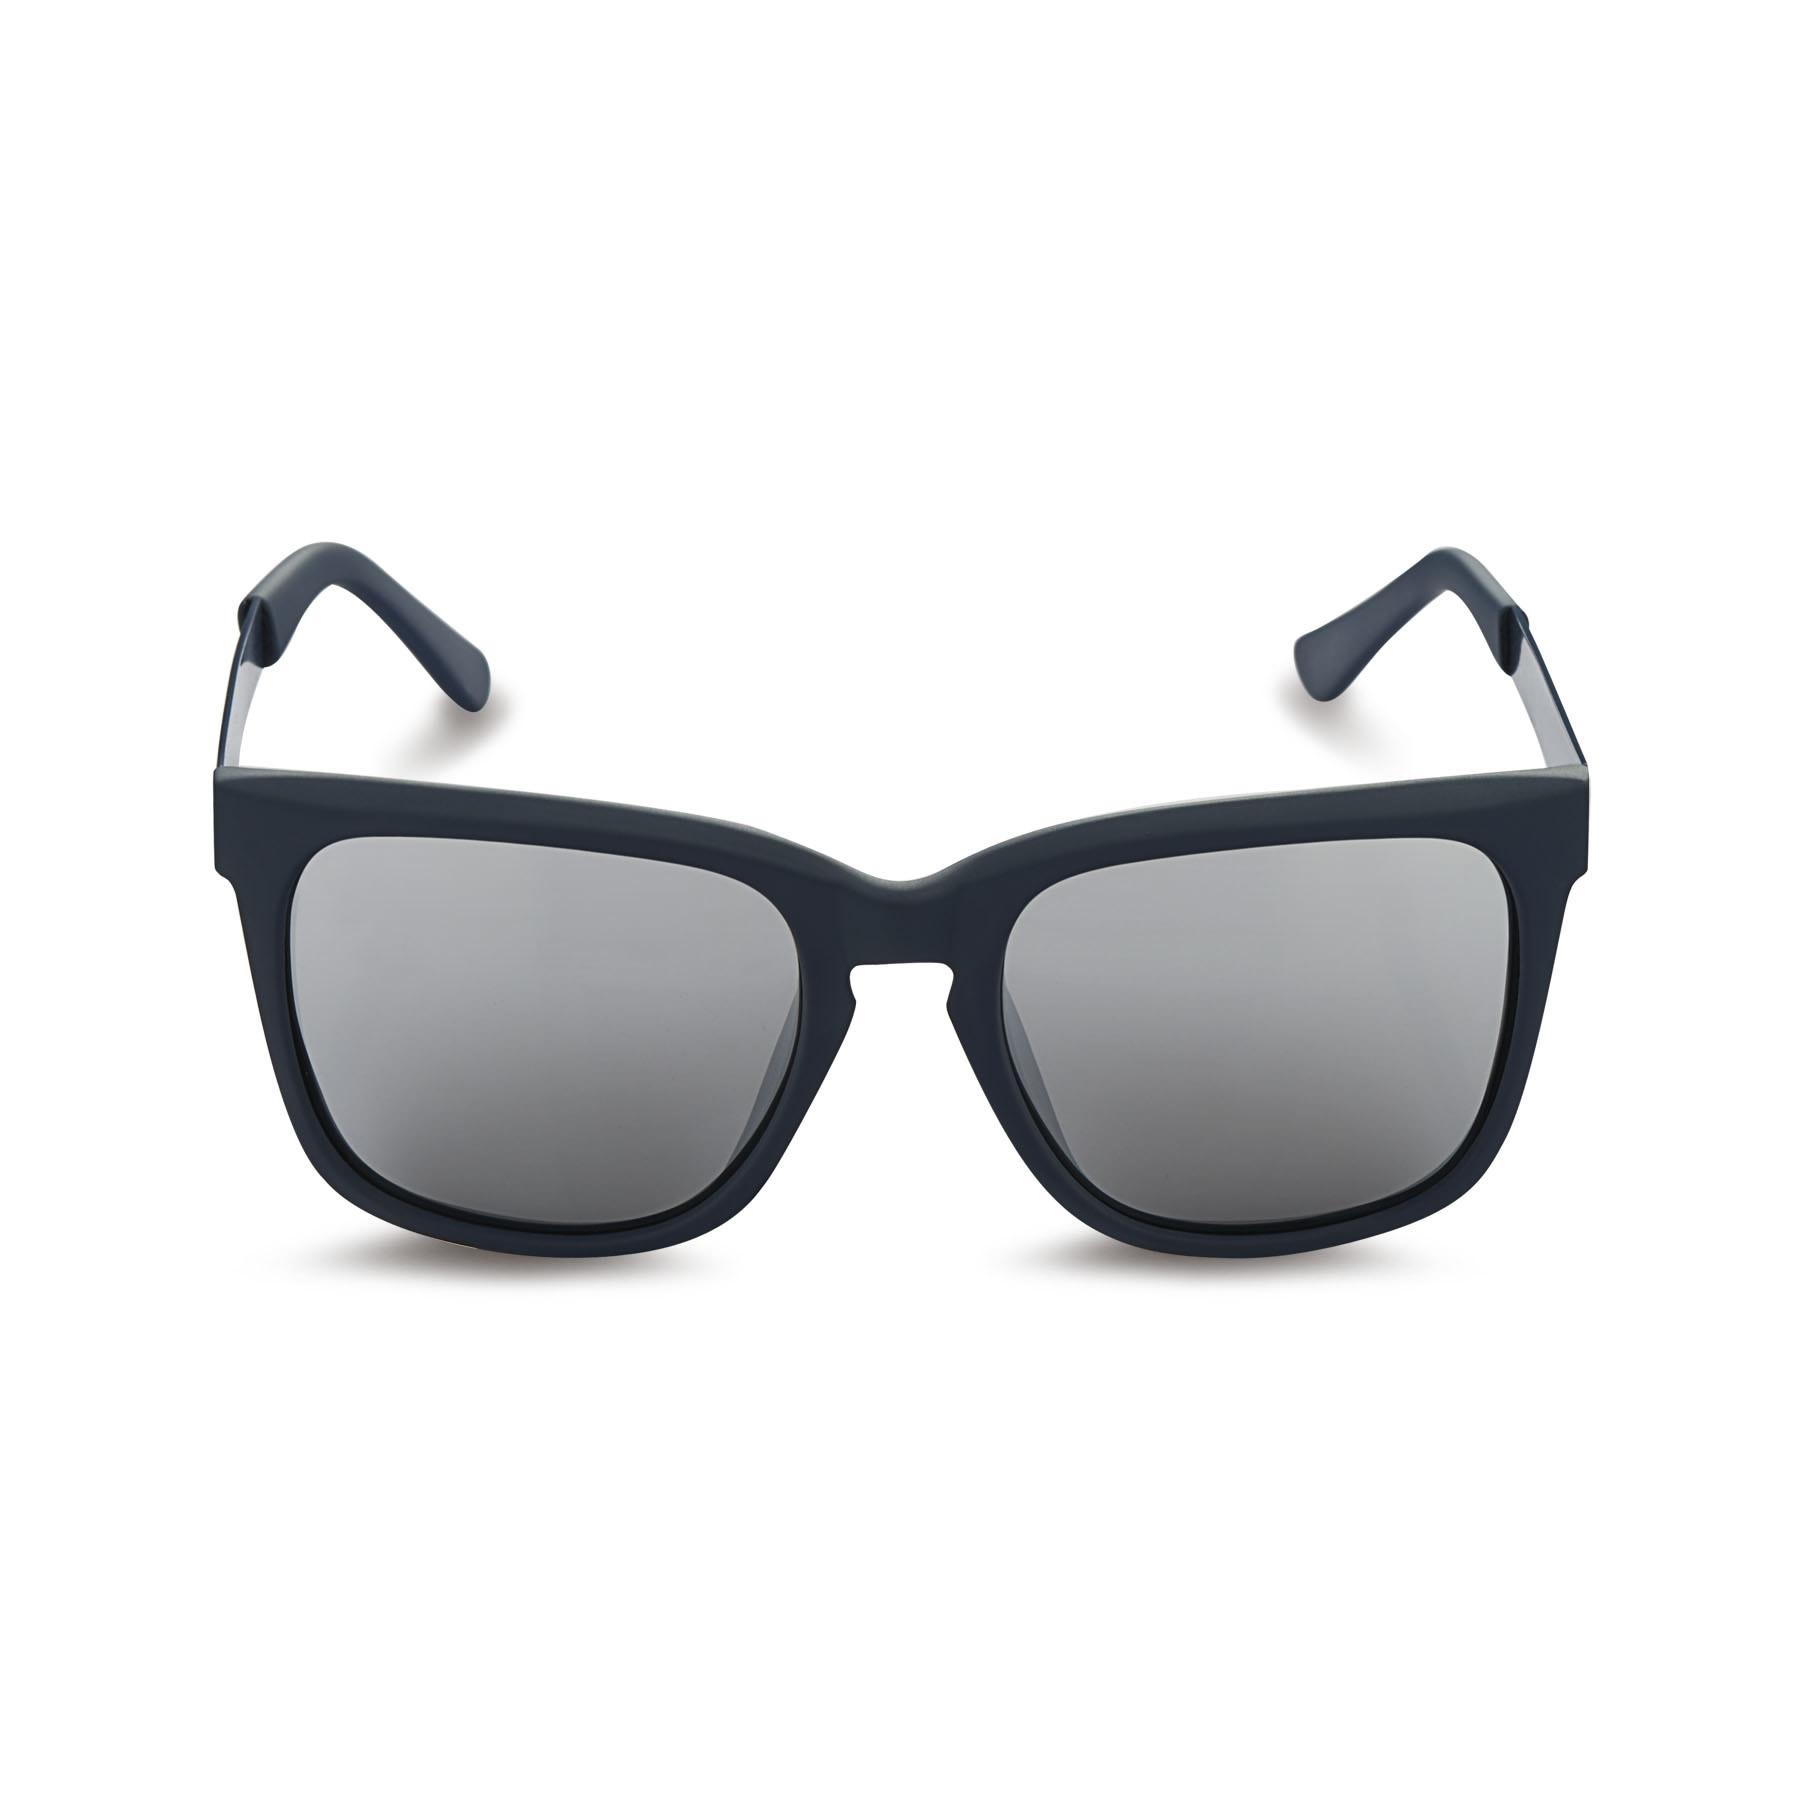 035f0e1432 Caprio Unisex Mirrored Retro Square Sunglasses